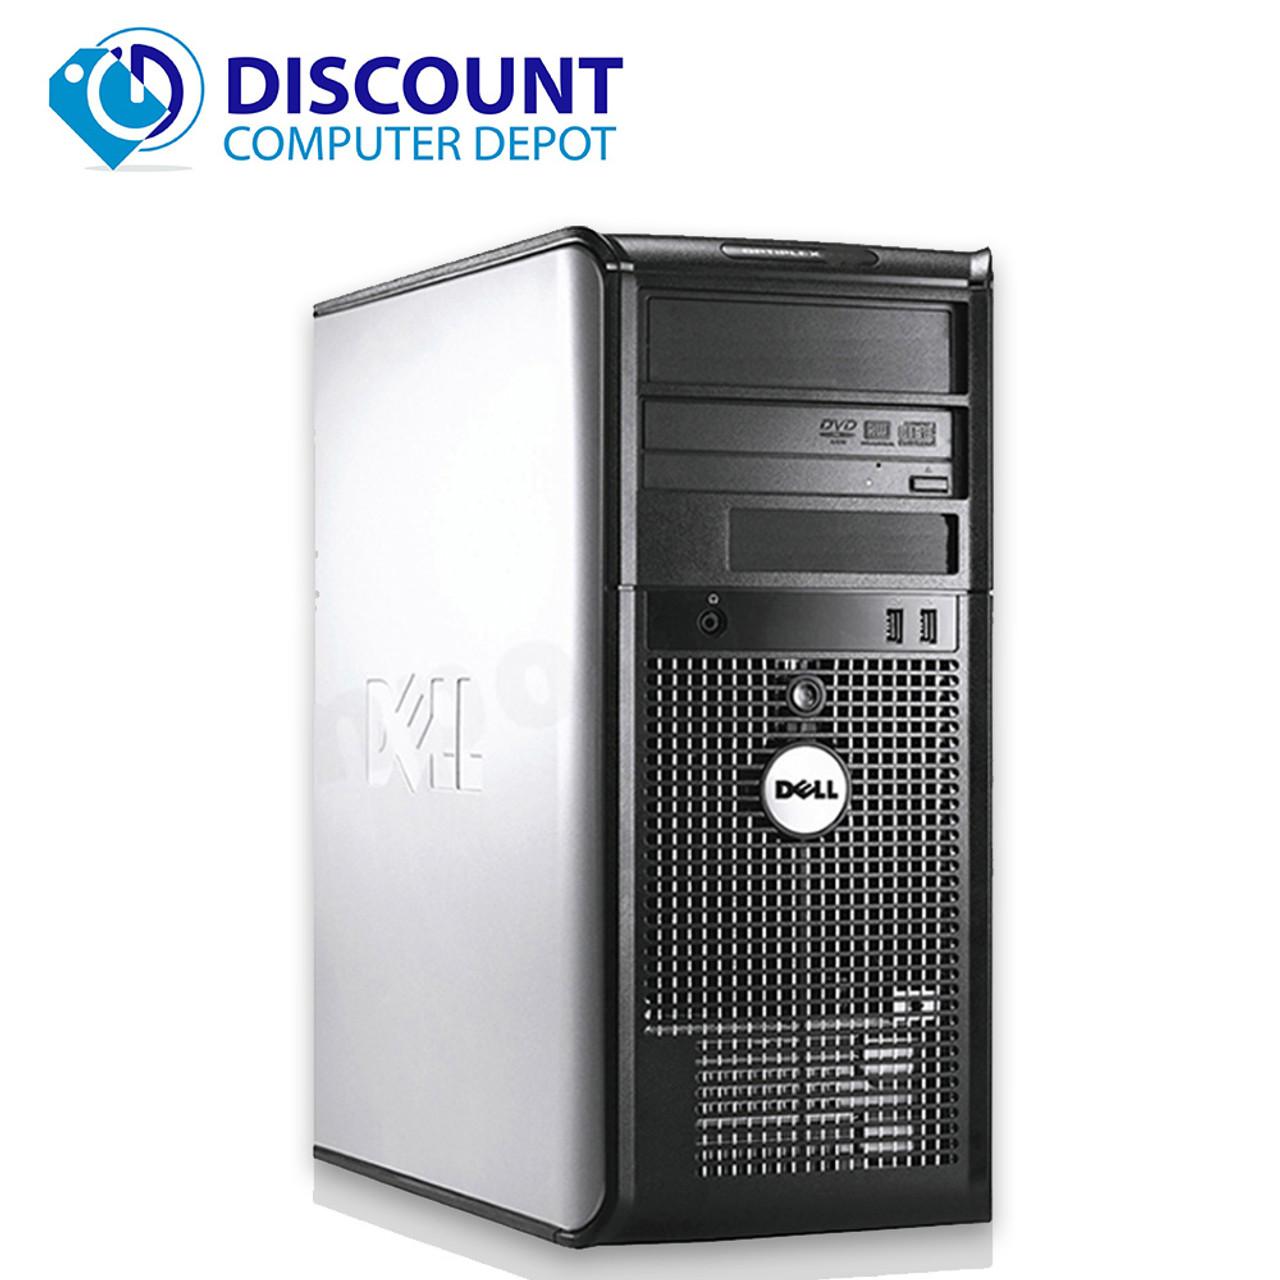 FAST Dell Optiplex 745 Windows 10 Desktop Computer Tower Core 2 Duo 4GB  160GB DVD WiFi 17